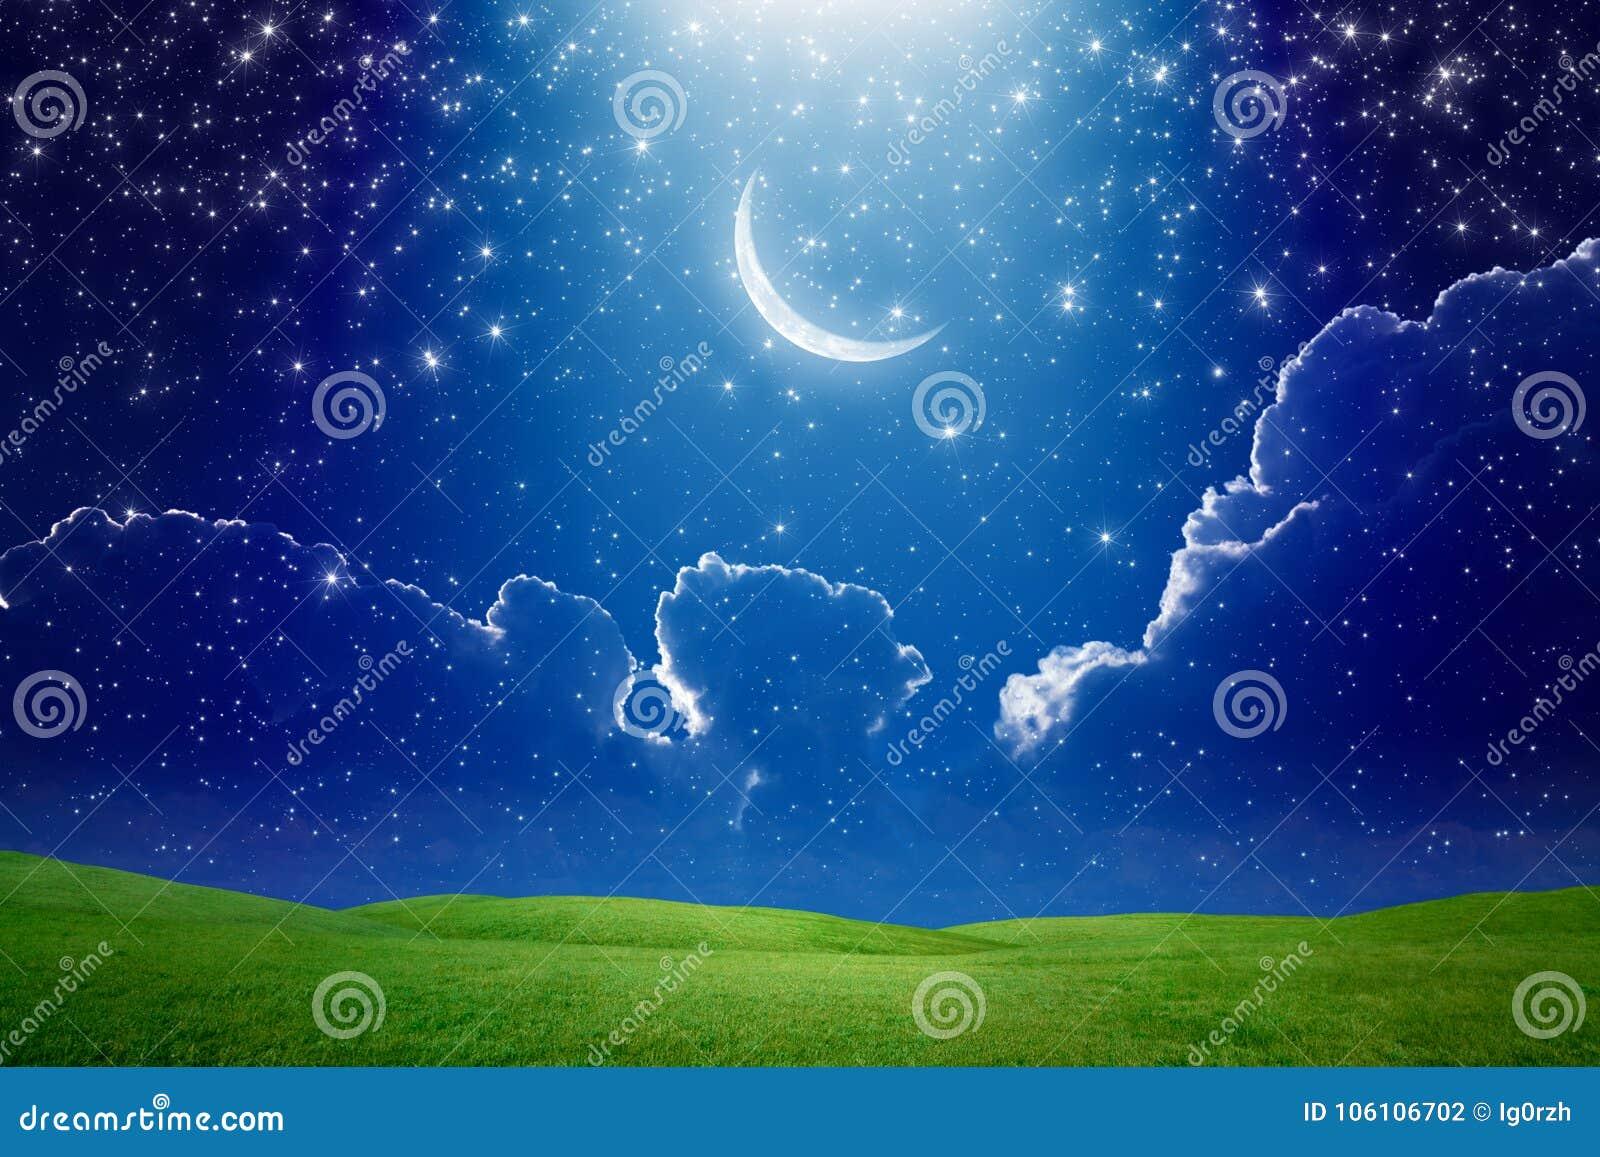 Półksiężyc księżyc w zmroku - błękitny gwiaździsty niebo, jaskrawy lekki promień od sk